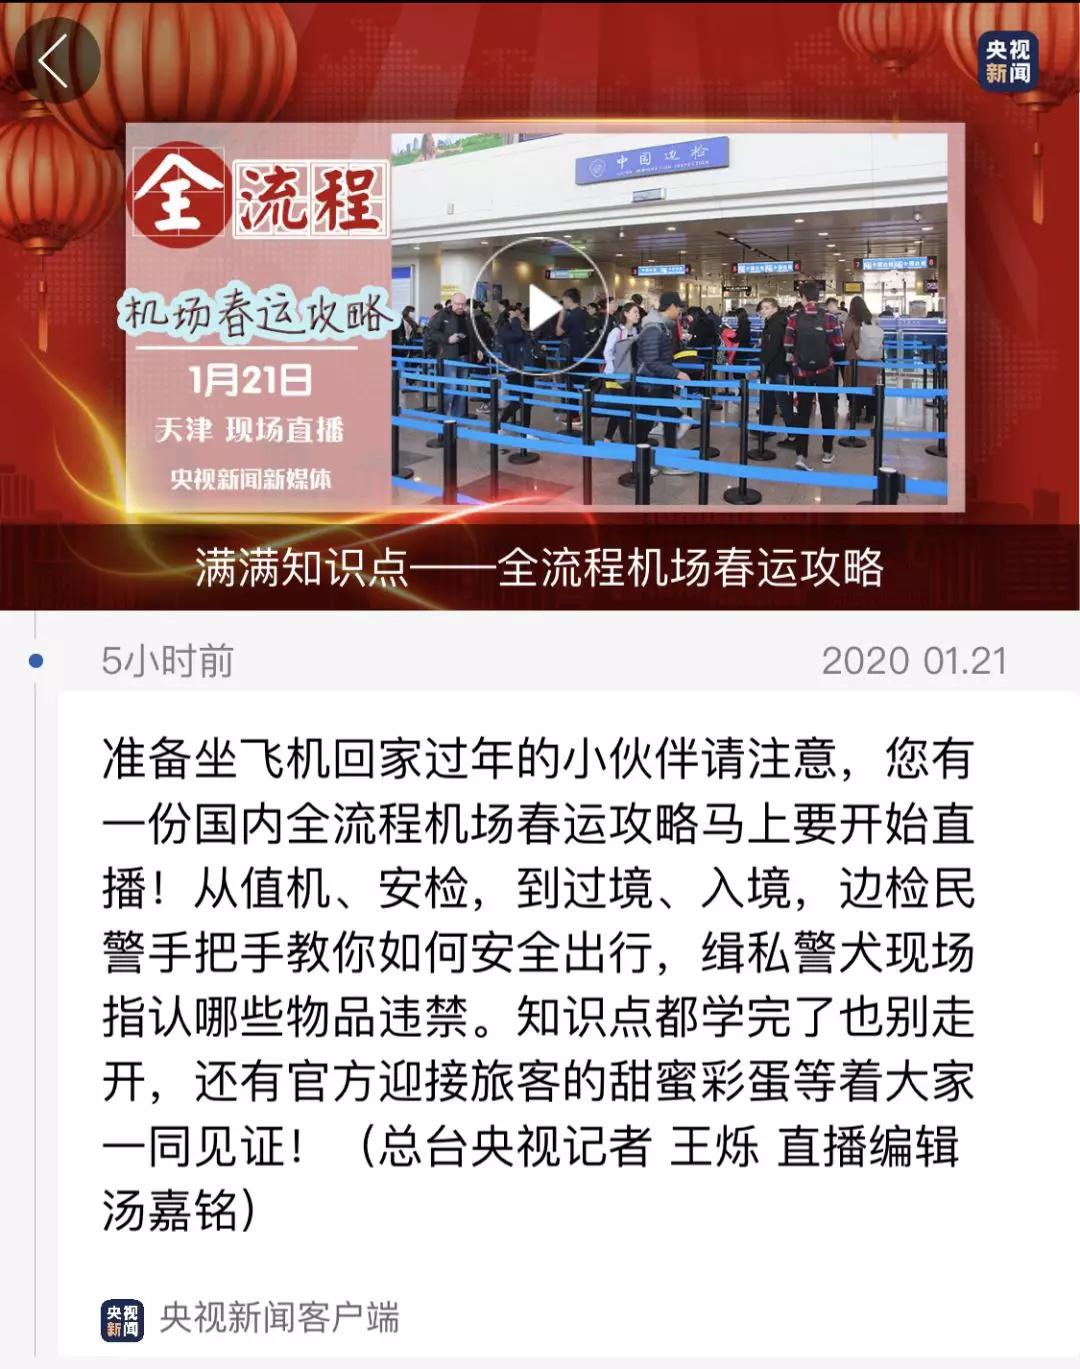 """登陆央视!天津边检""""温暖国门 迎您回家""""主题活动火爆图片"""